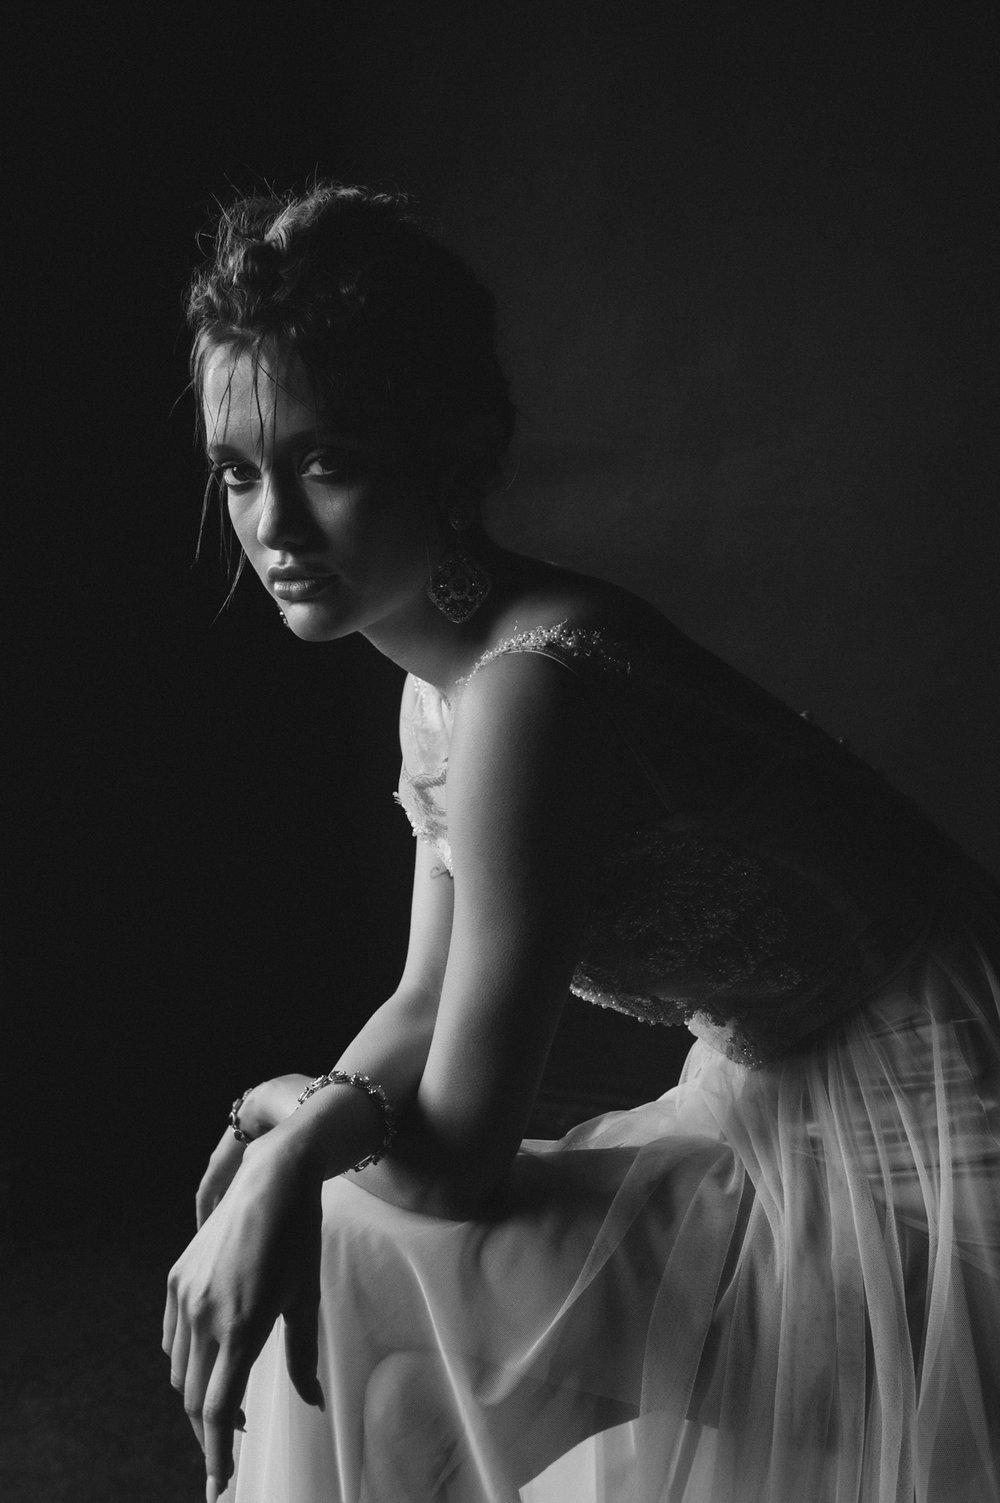 Asch by Gwendolynne